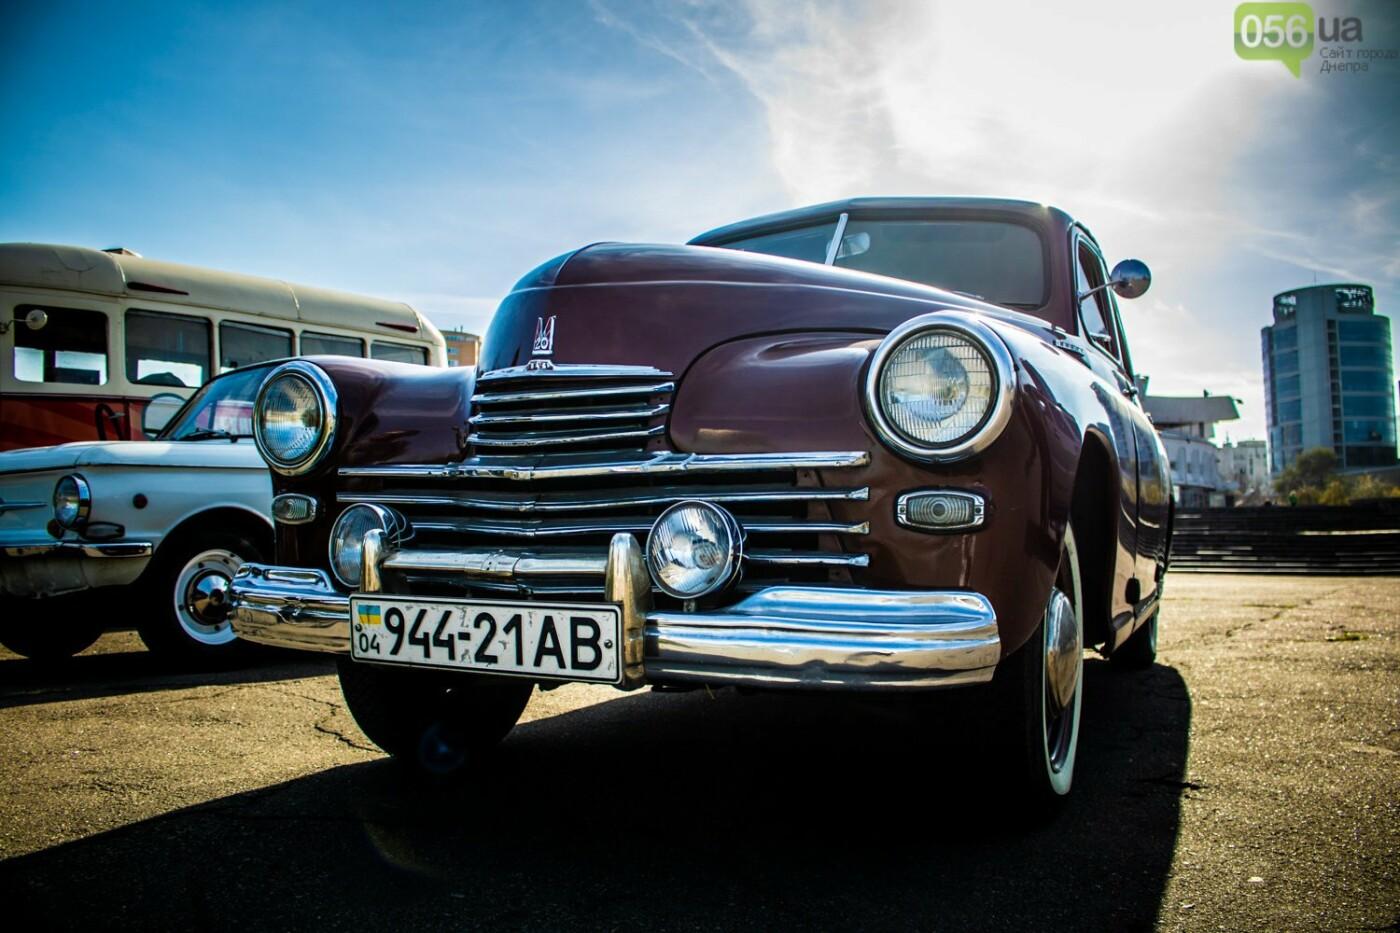 «Реставрация – это недешевое хобби»: как в Днепре проходит встреча владельцев ретро-автомобилей, - ФОТОРЕПОРТАЖ, фото-12